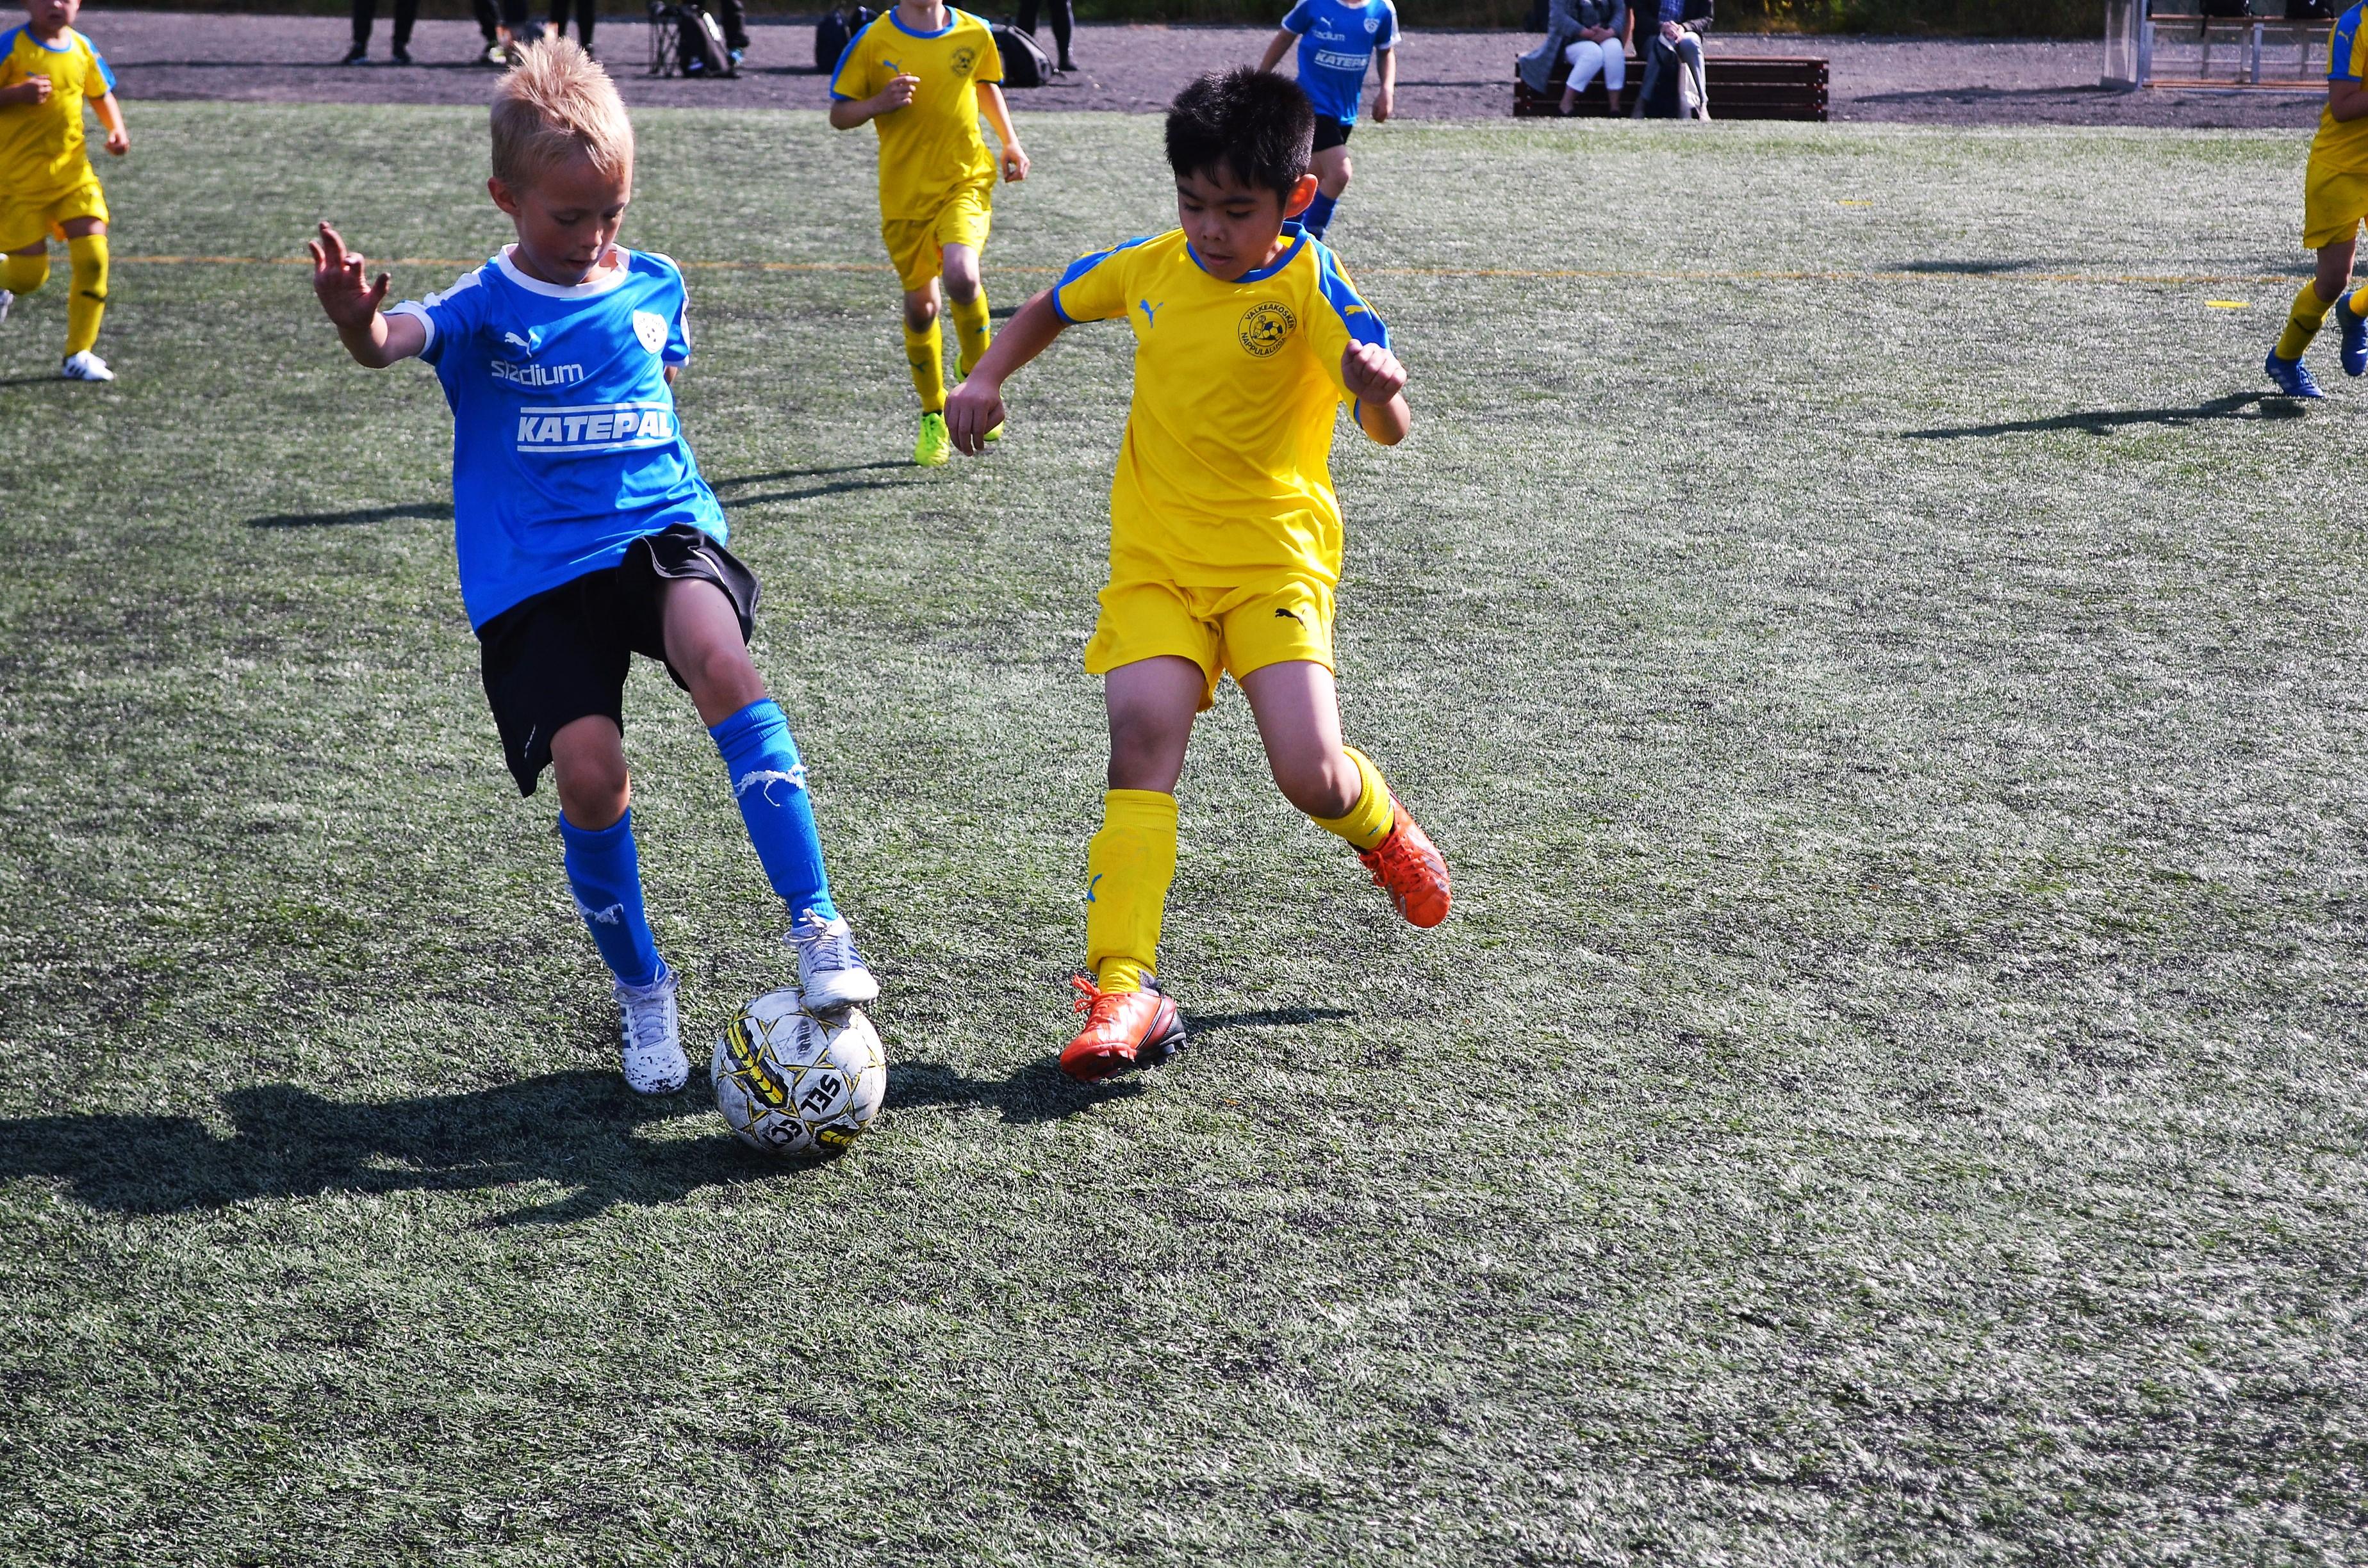 Katepal-turnaus on LeKi-futiksen järjestämä, kuvassa pelaavat LeKi ja Valkeakosken Nappulaliiga. Kuva: Antti Raunio